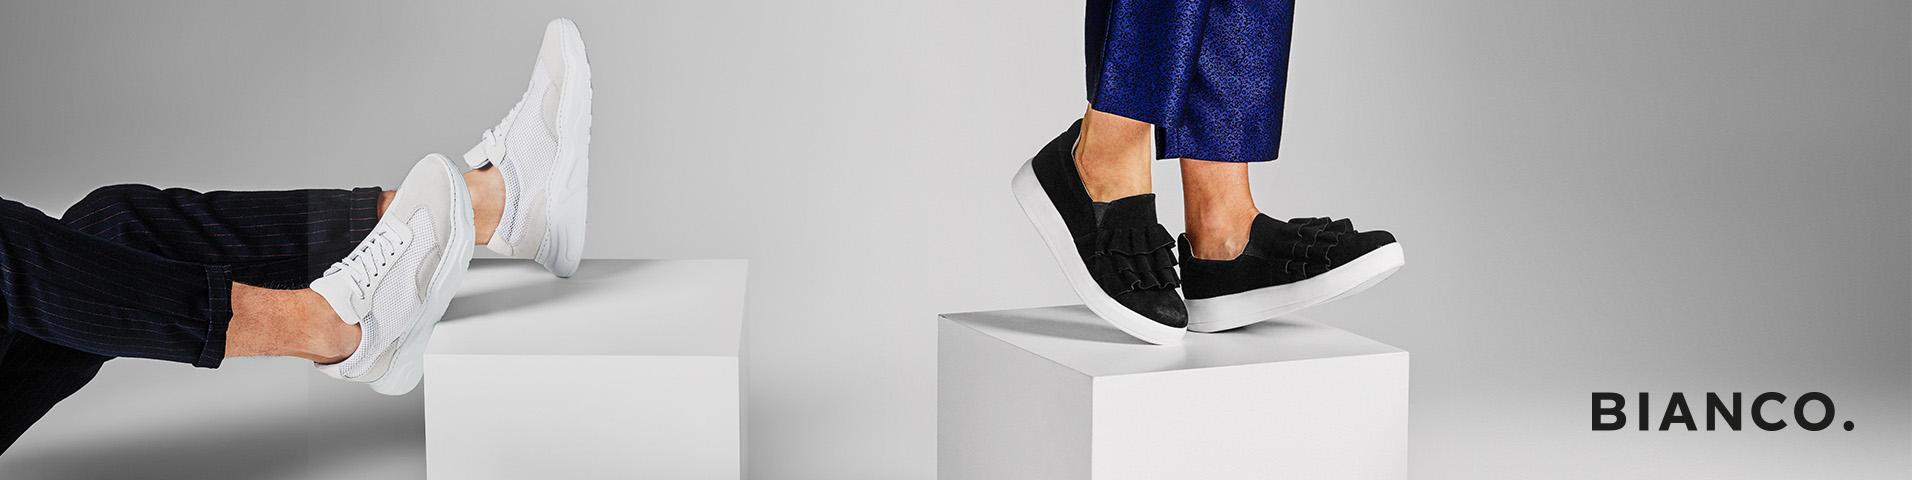 ba2c0b95f28 Bianco Shoes | Sandals, Trainers & Boots | ZALANDO UK